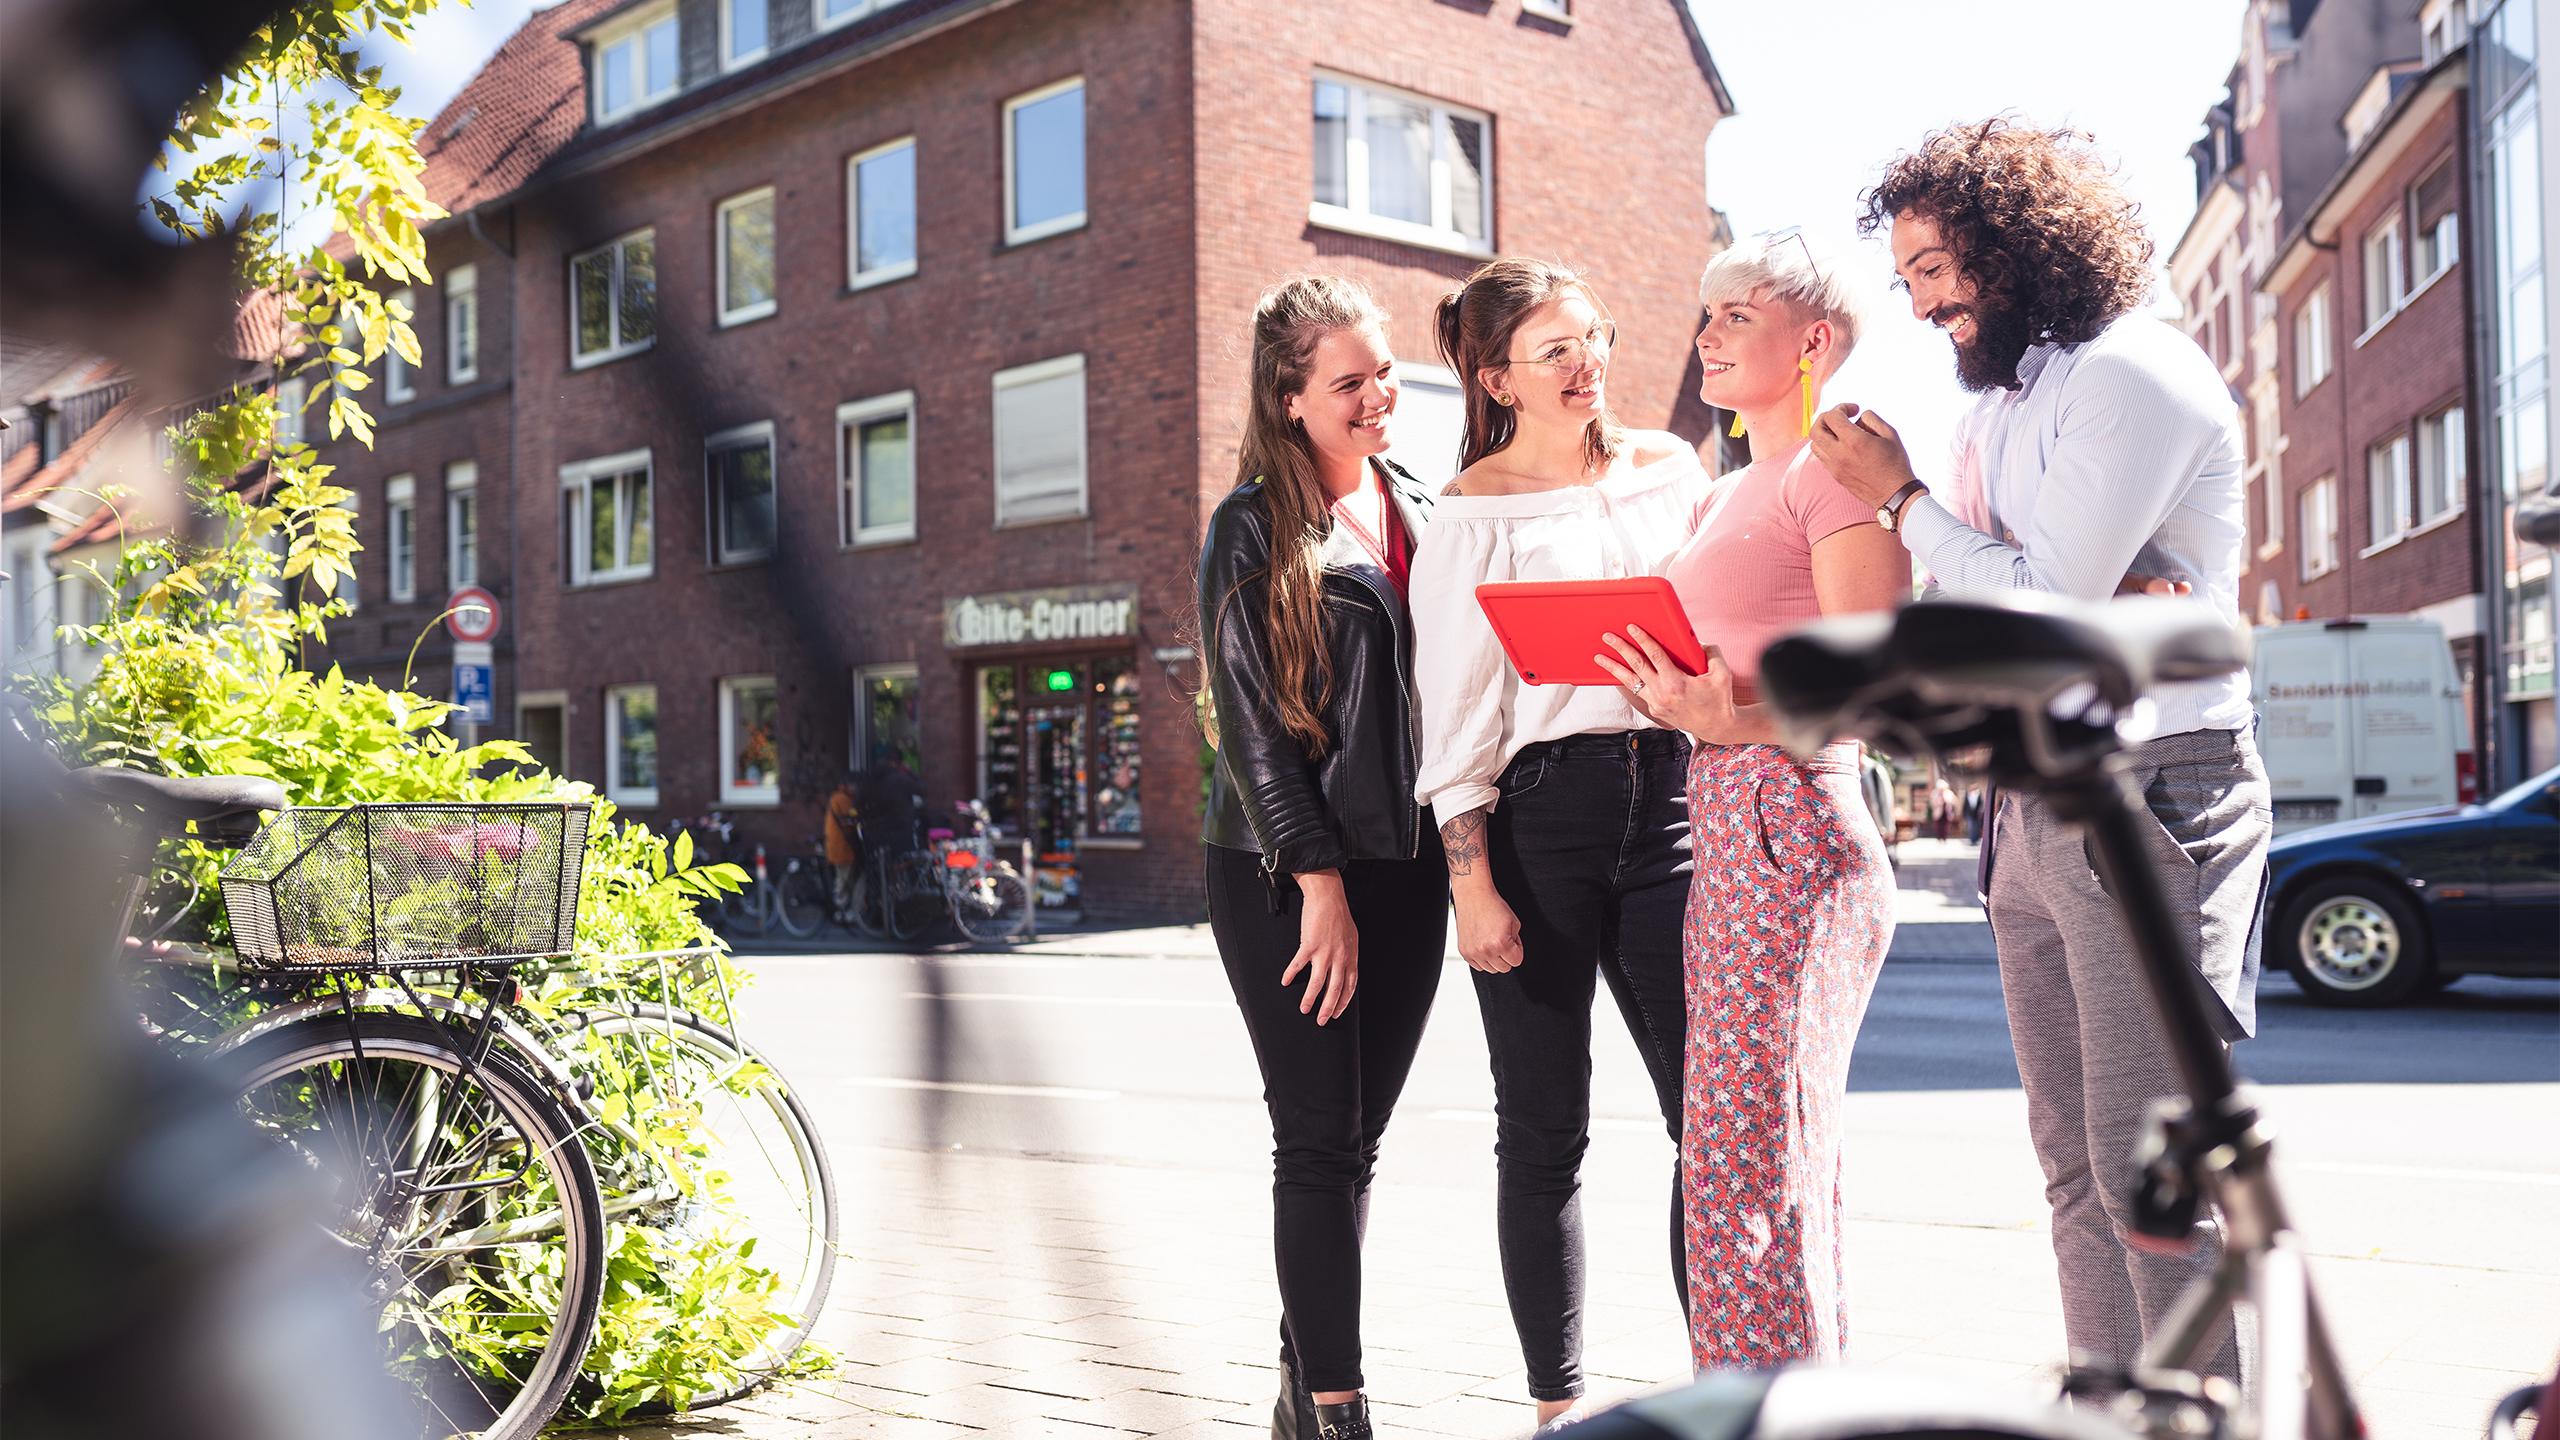 CityGames Stuttgart Schüler Tour:  Lernen, bewegen und Spaß haben